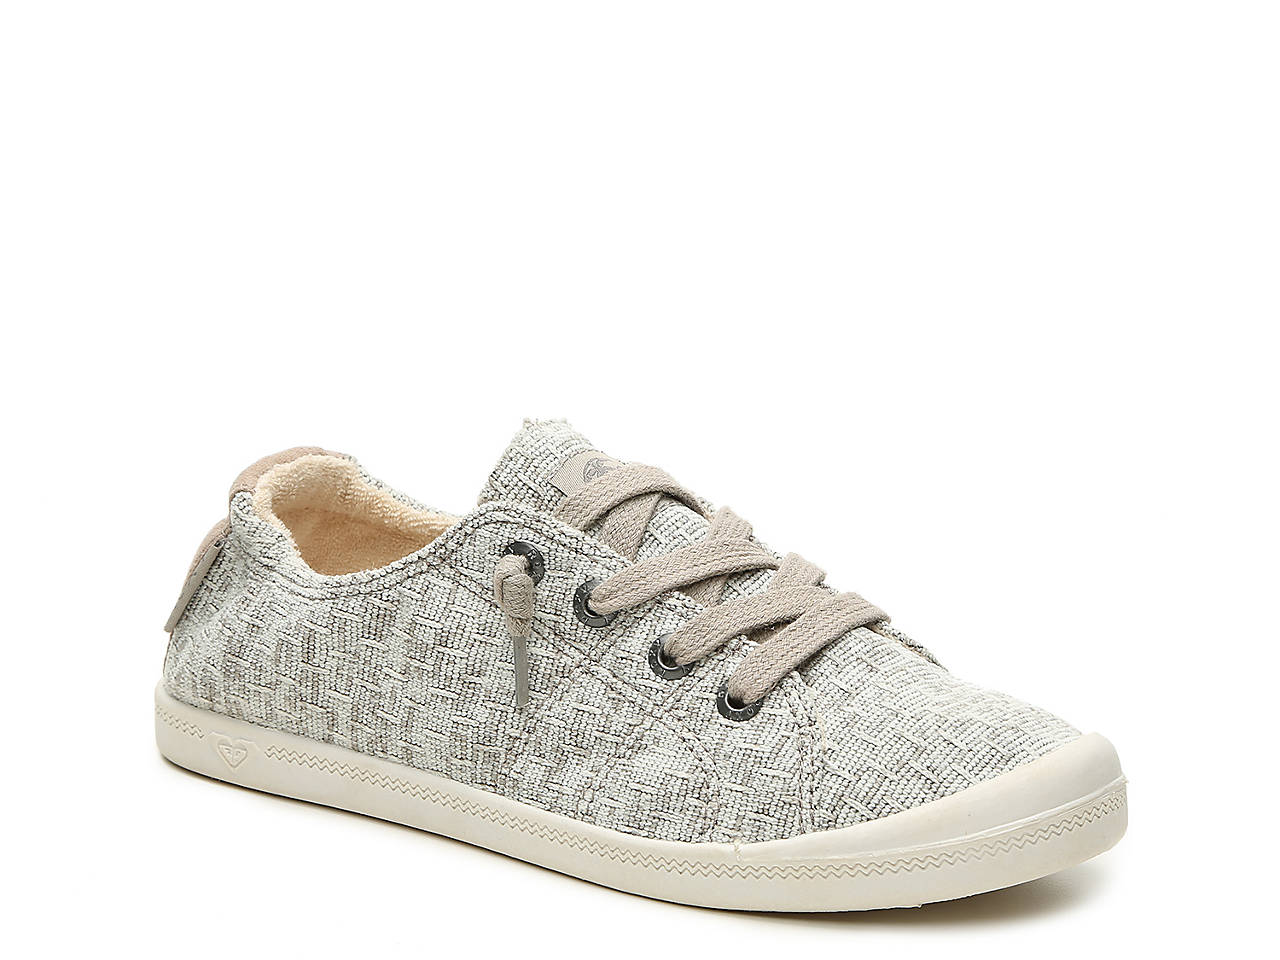 7478a9f98654 Roxy Bayshore II Slip-On Sneaker Women s Shoes